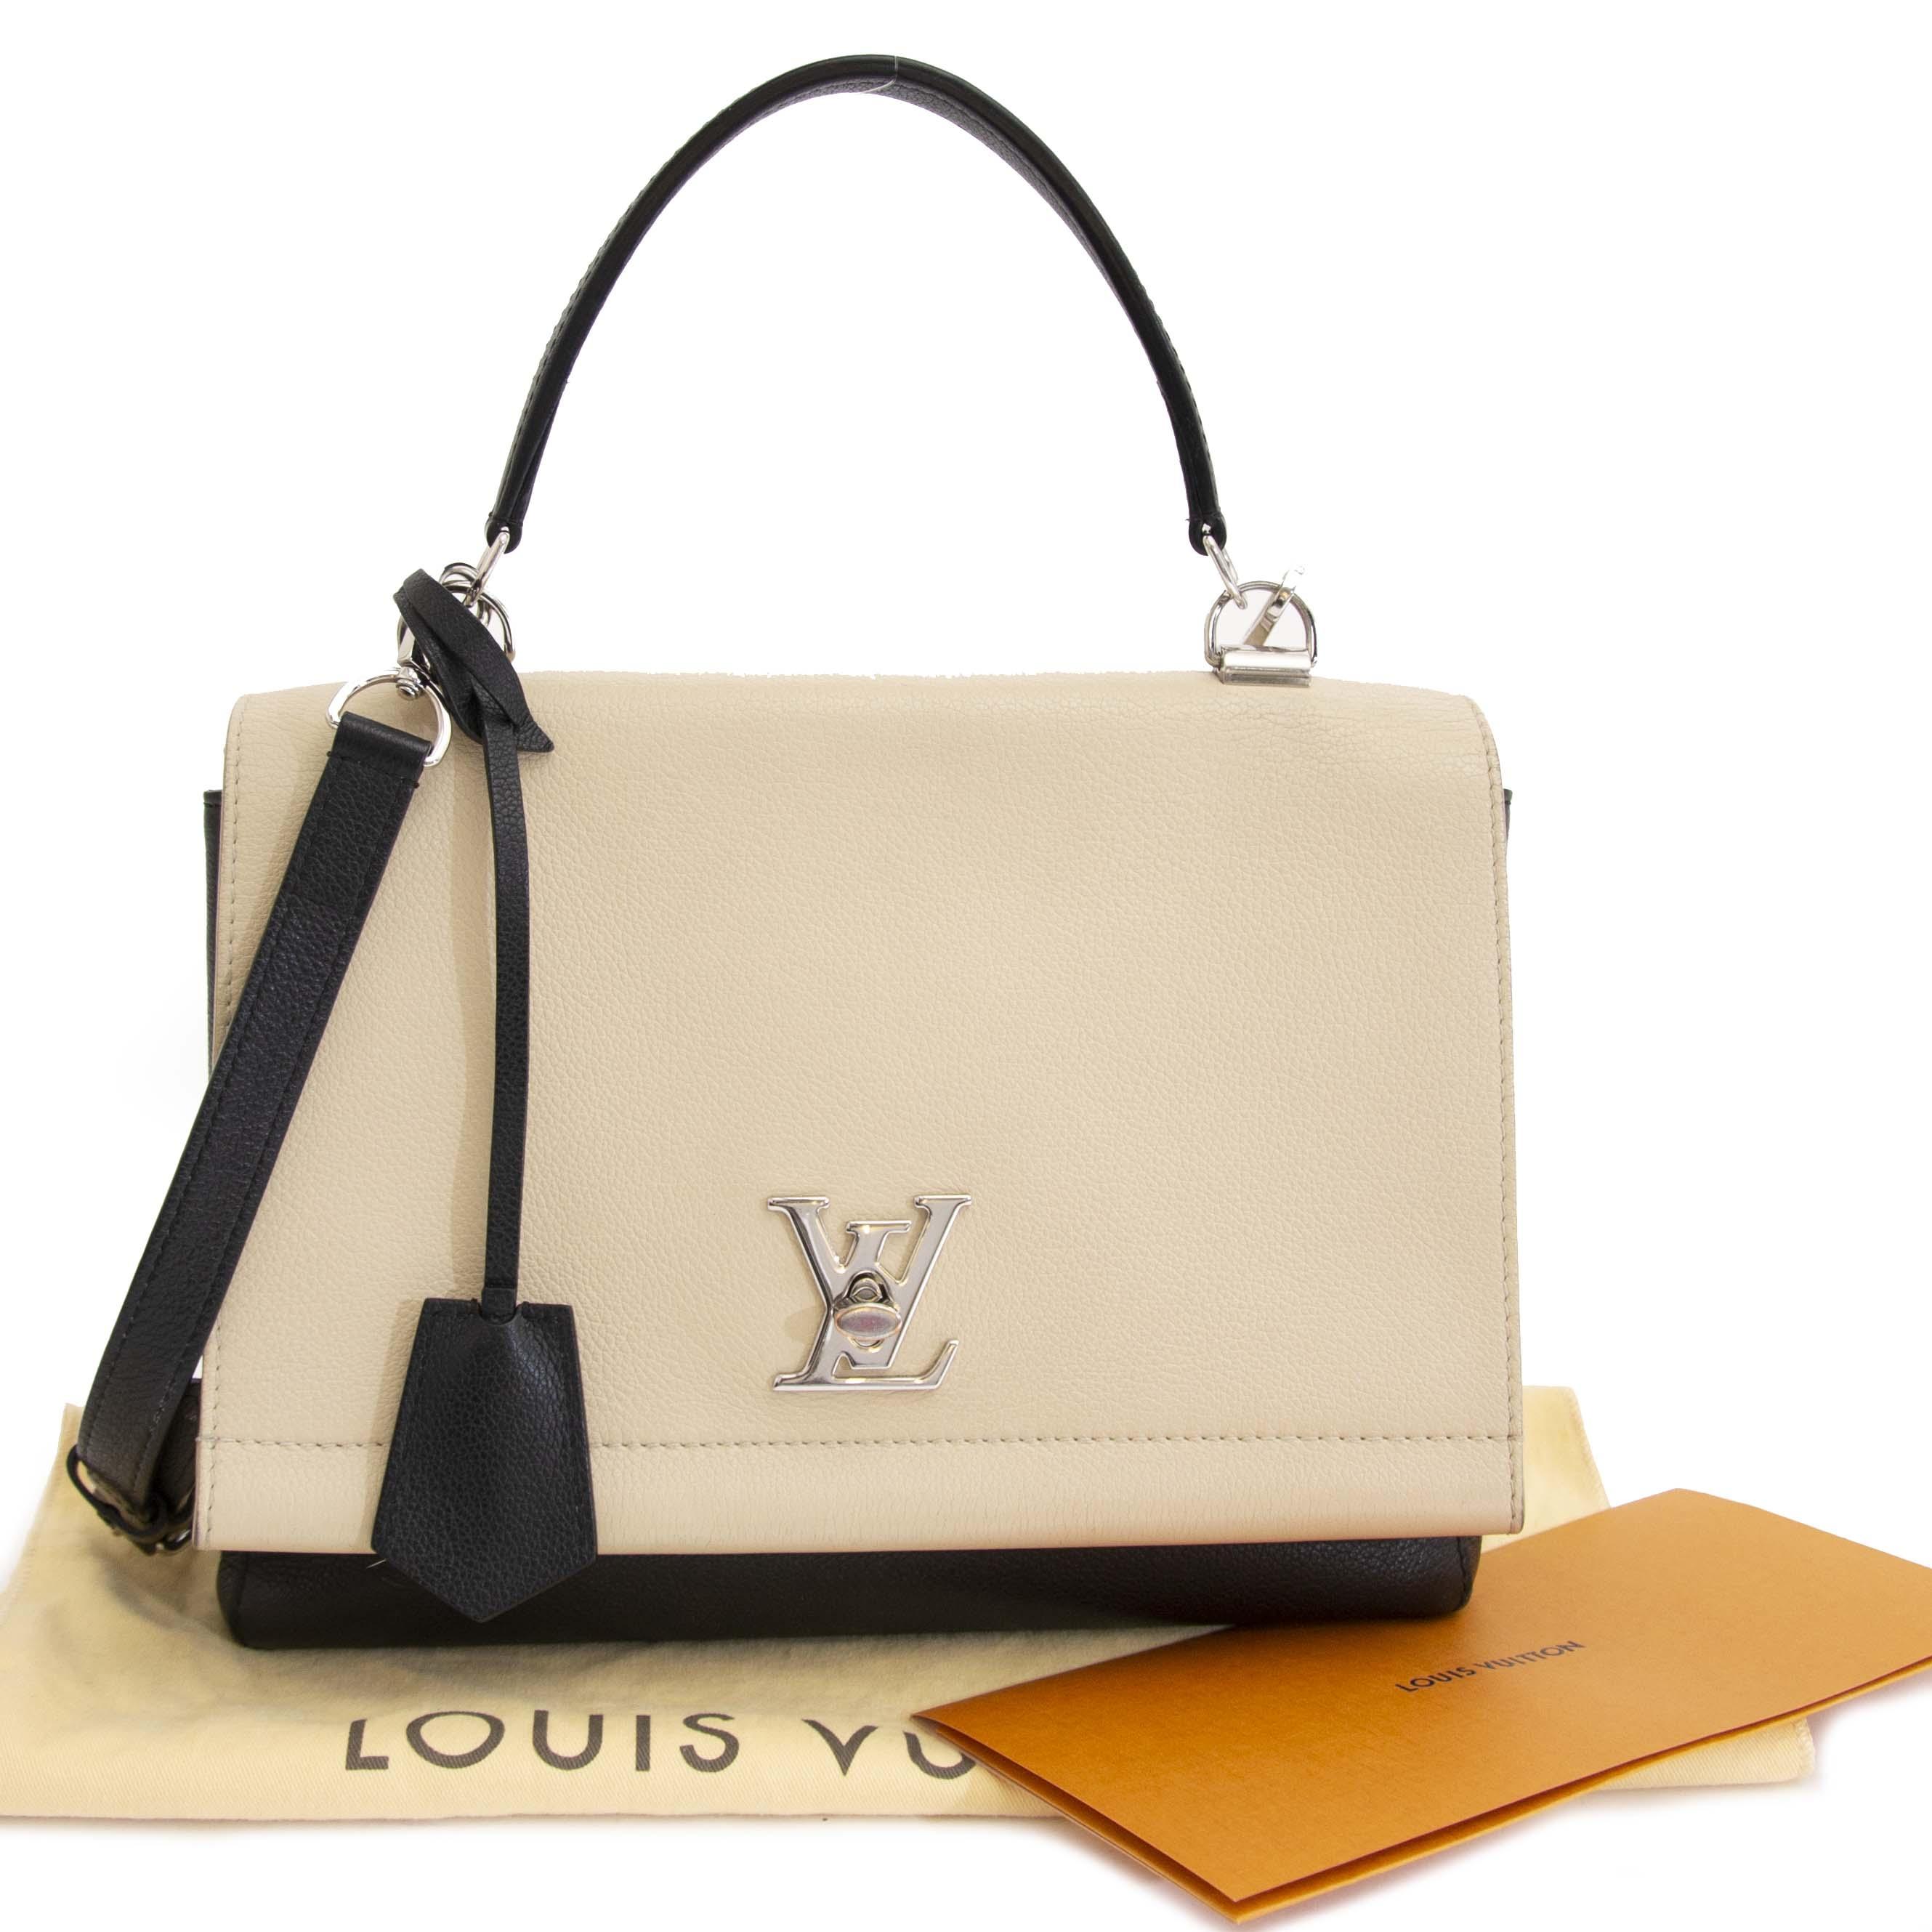 ... Shoulder Bag koop veilig online jou tweedehands acheter en ligne  seconde main Louis Vuitton Bicolor Lockme Noir Vanille 559d2a63b89b8